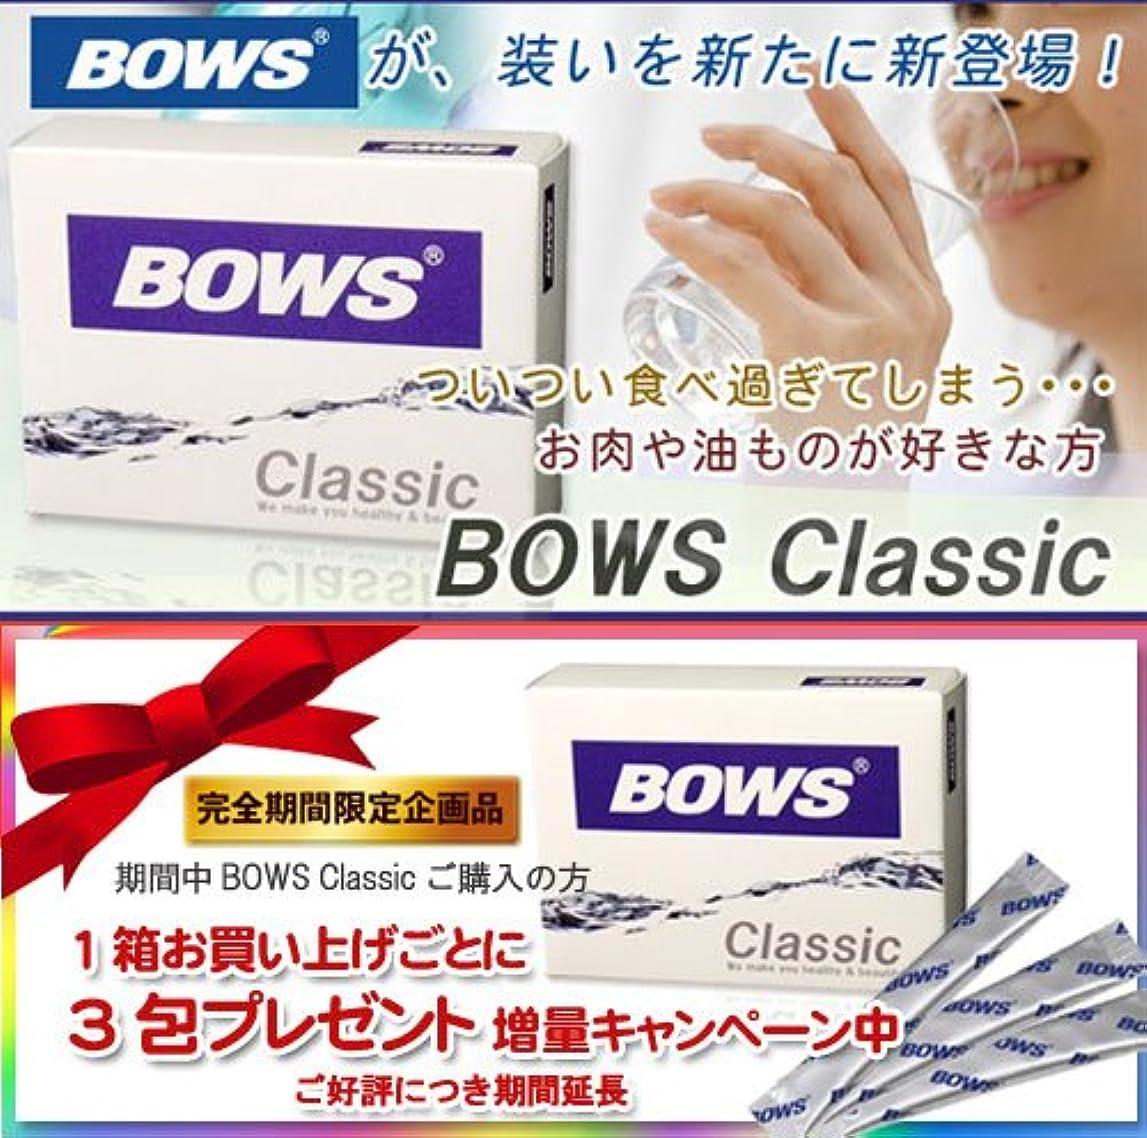 選ぶ砂利区画BOWS Classic (ボウス クラシック)  30包+3包増量版 6個セット